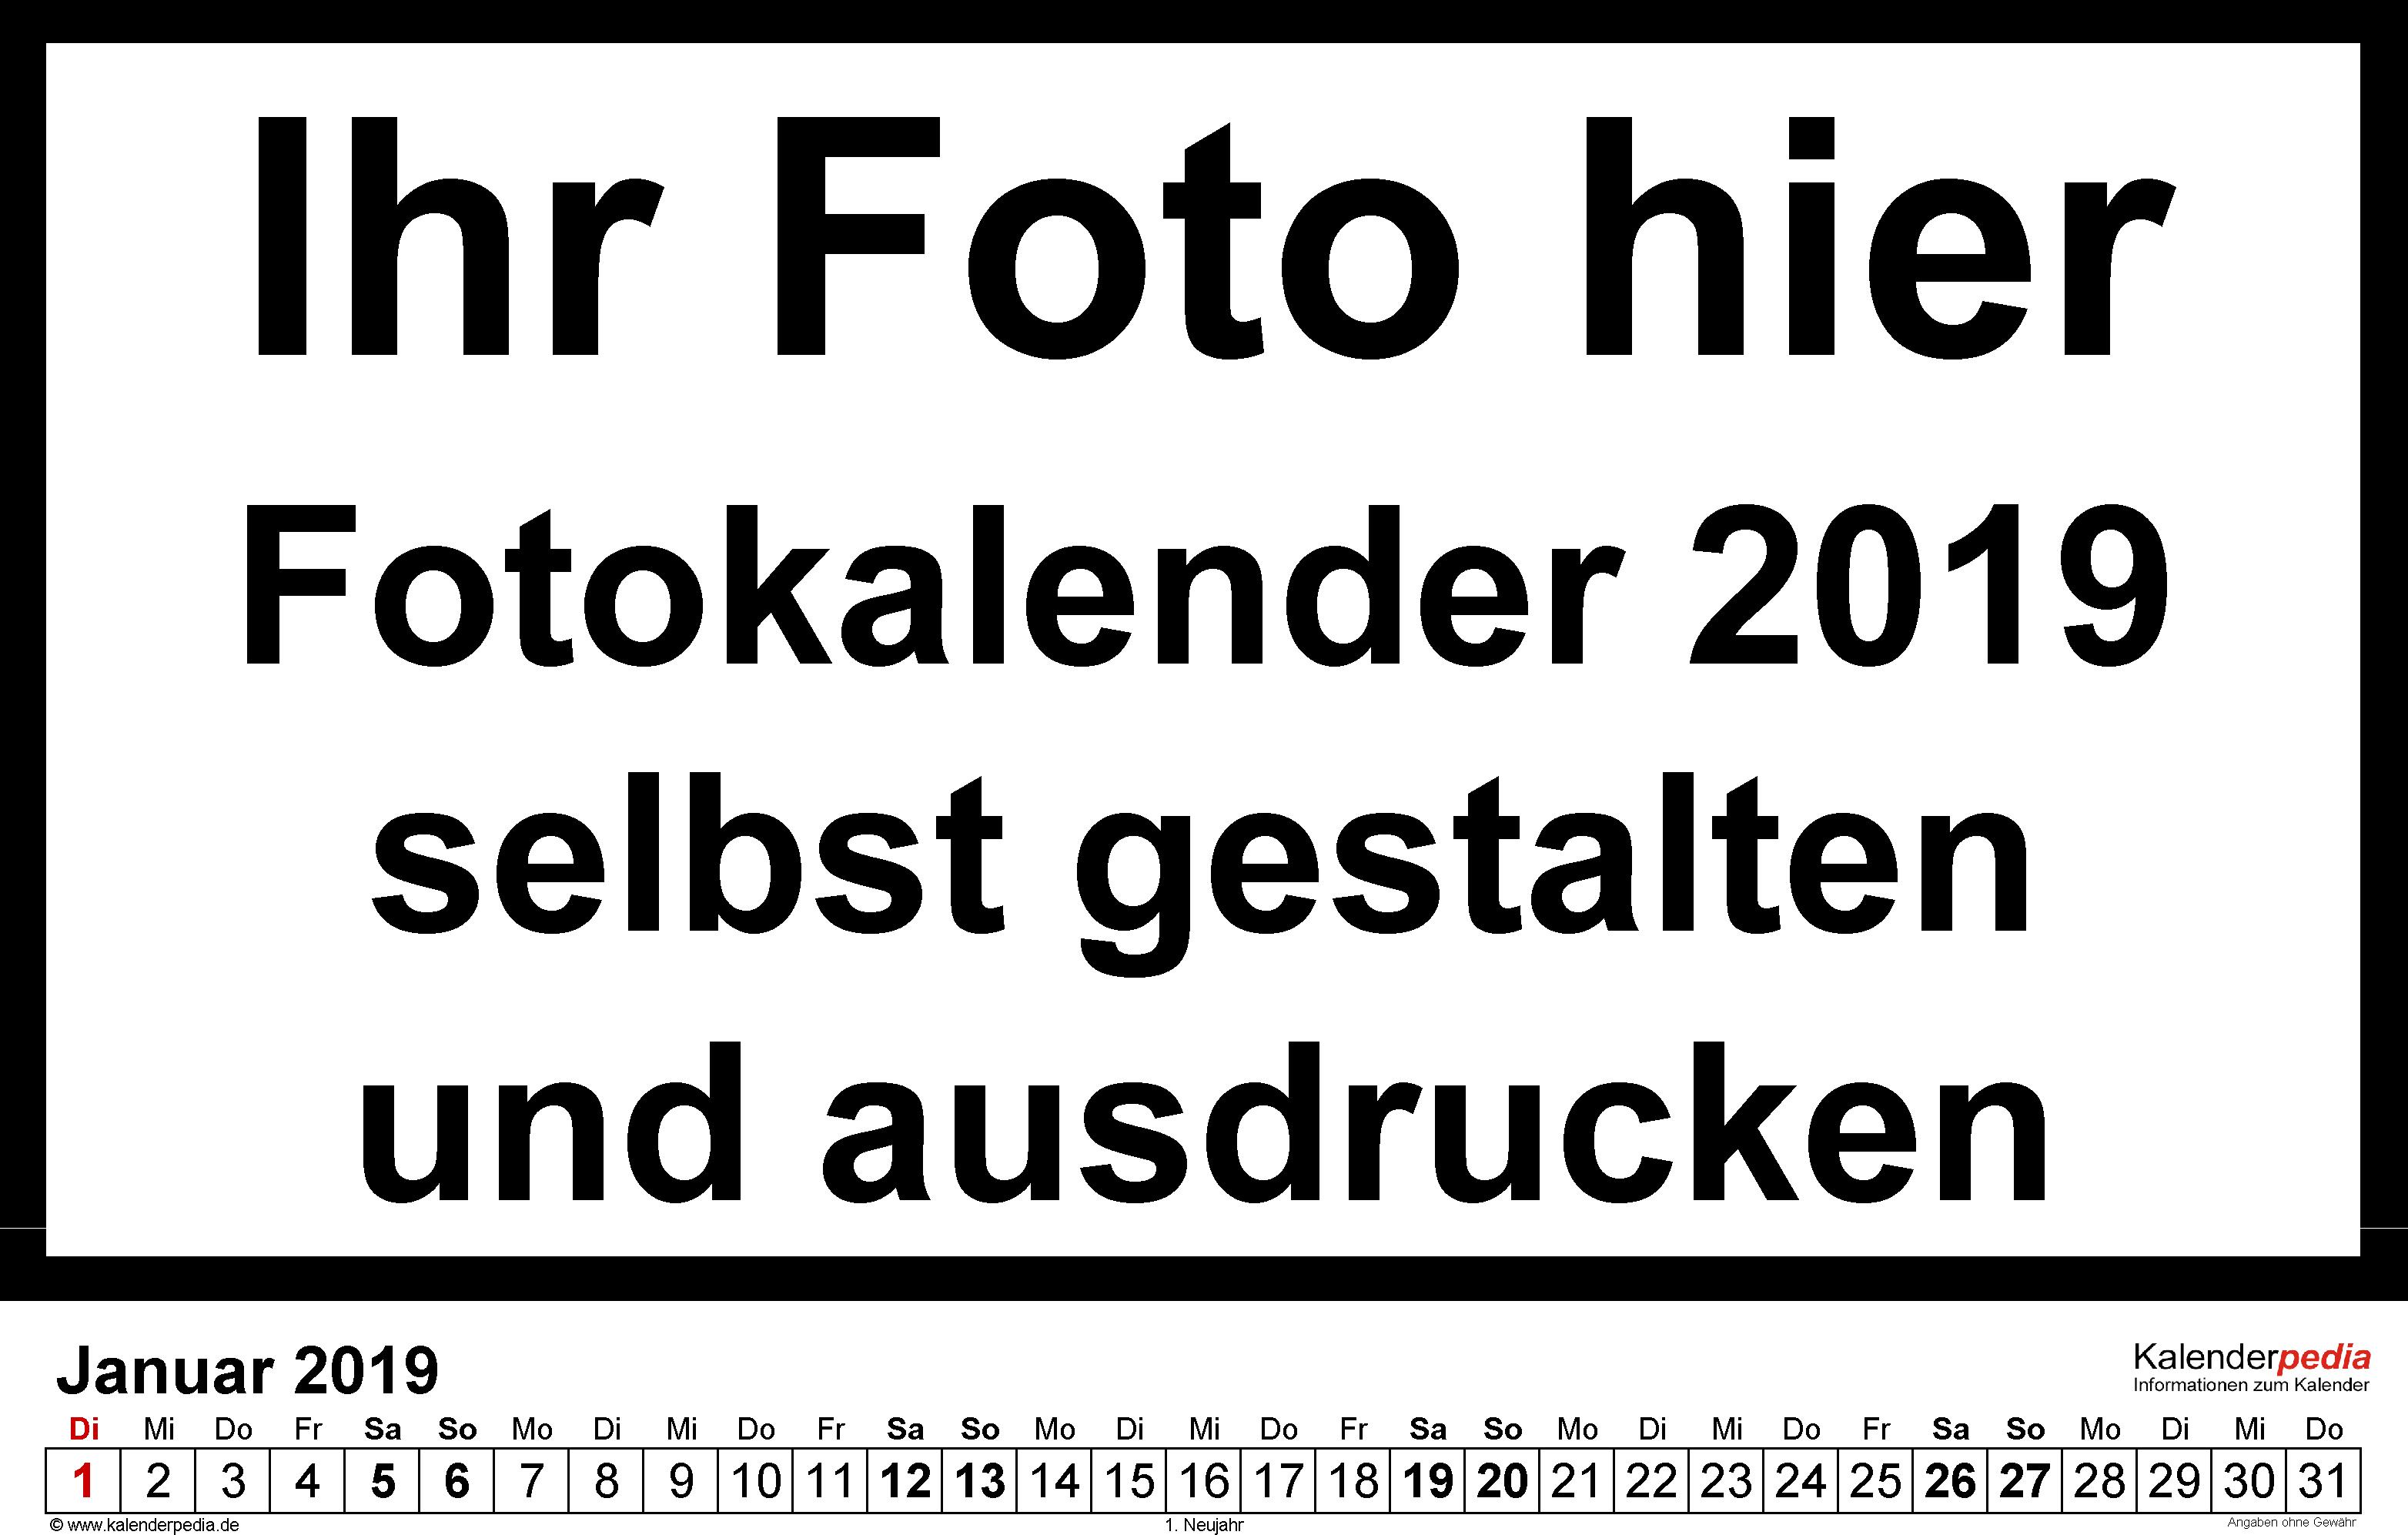 Vorlage 5: Excel-Vorlage für Fotokalender 2019 (Querformat)